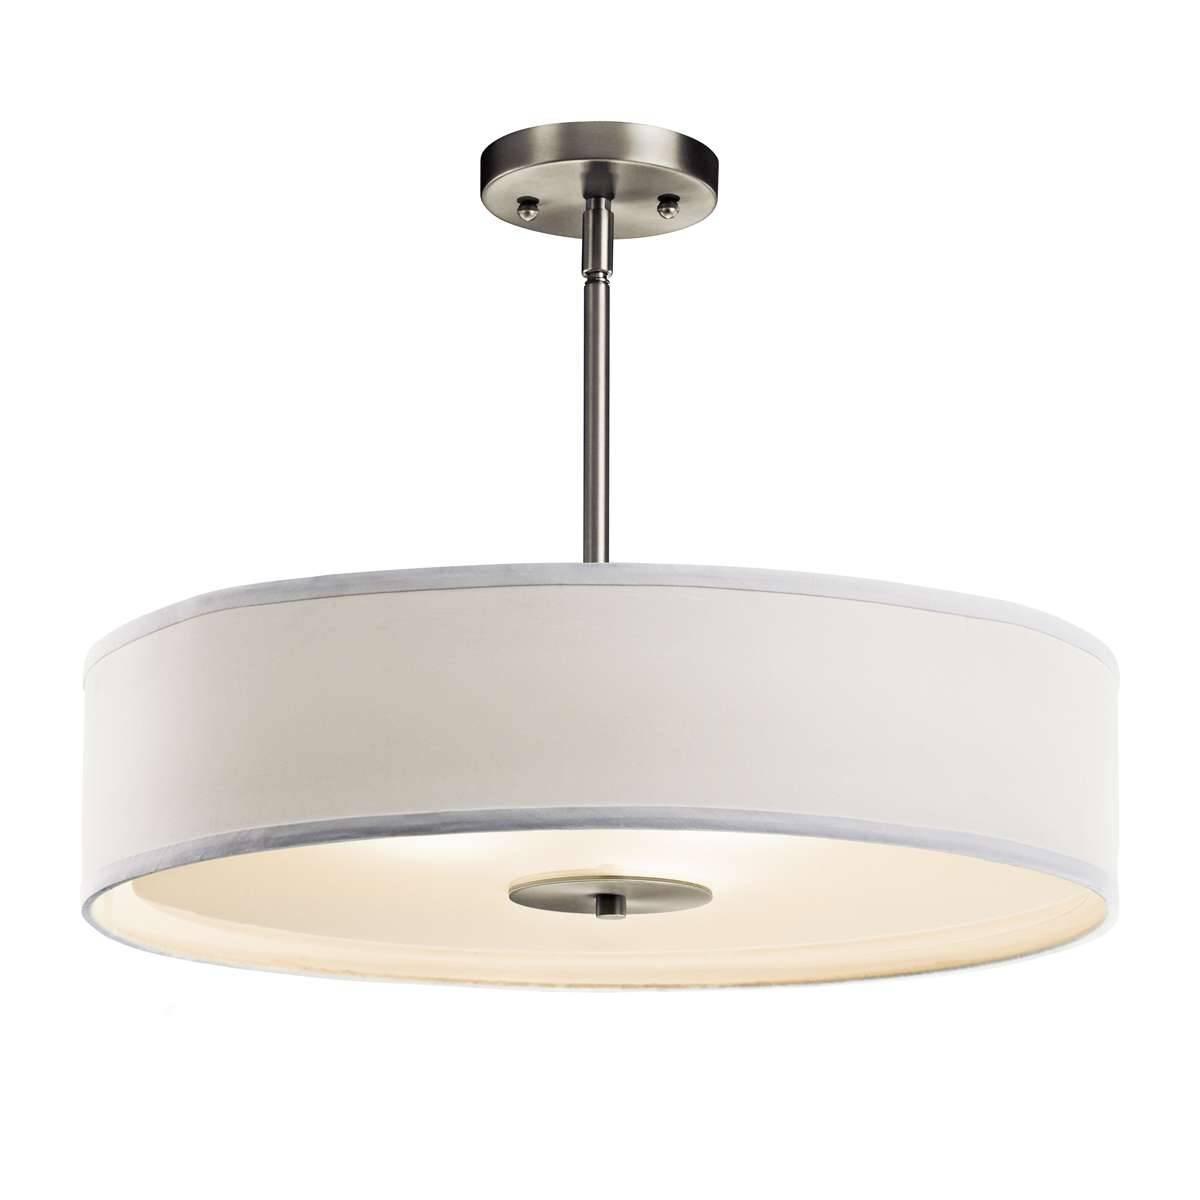 Accessories : Drum Pendant Lighting Drum Pendant Light Fixture within Black Drum Pendant Lights (Image 2 of 15)